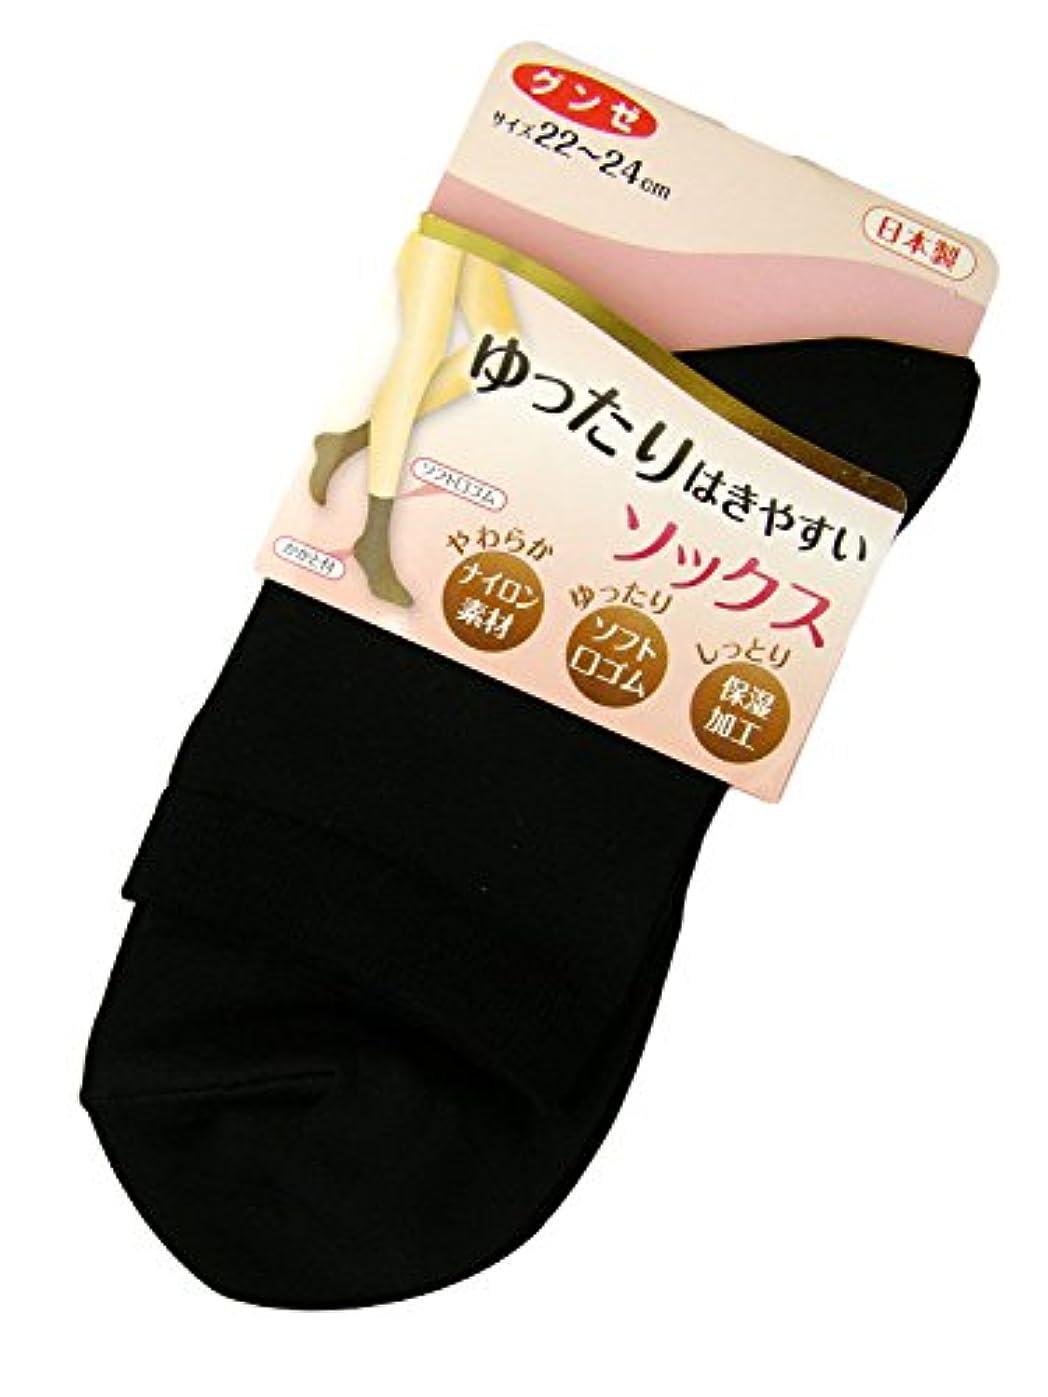 りレーニン主義ミネラルAR0212 ミセススニーカーソックス(婦人靴下) ゆったりはきやすい 22-24cm ブラック